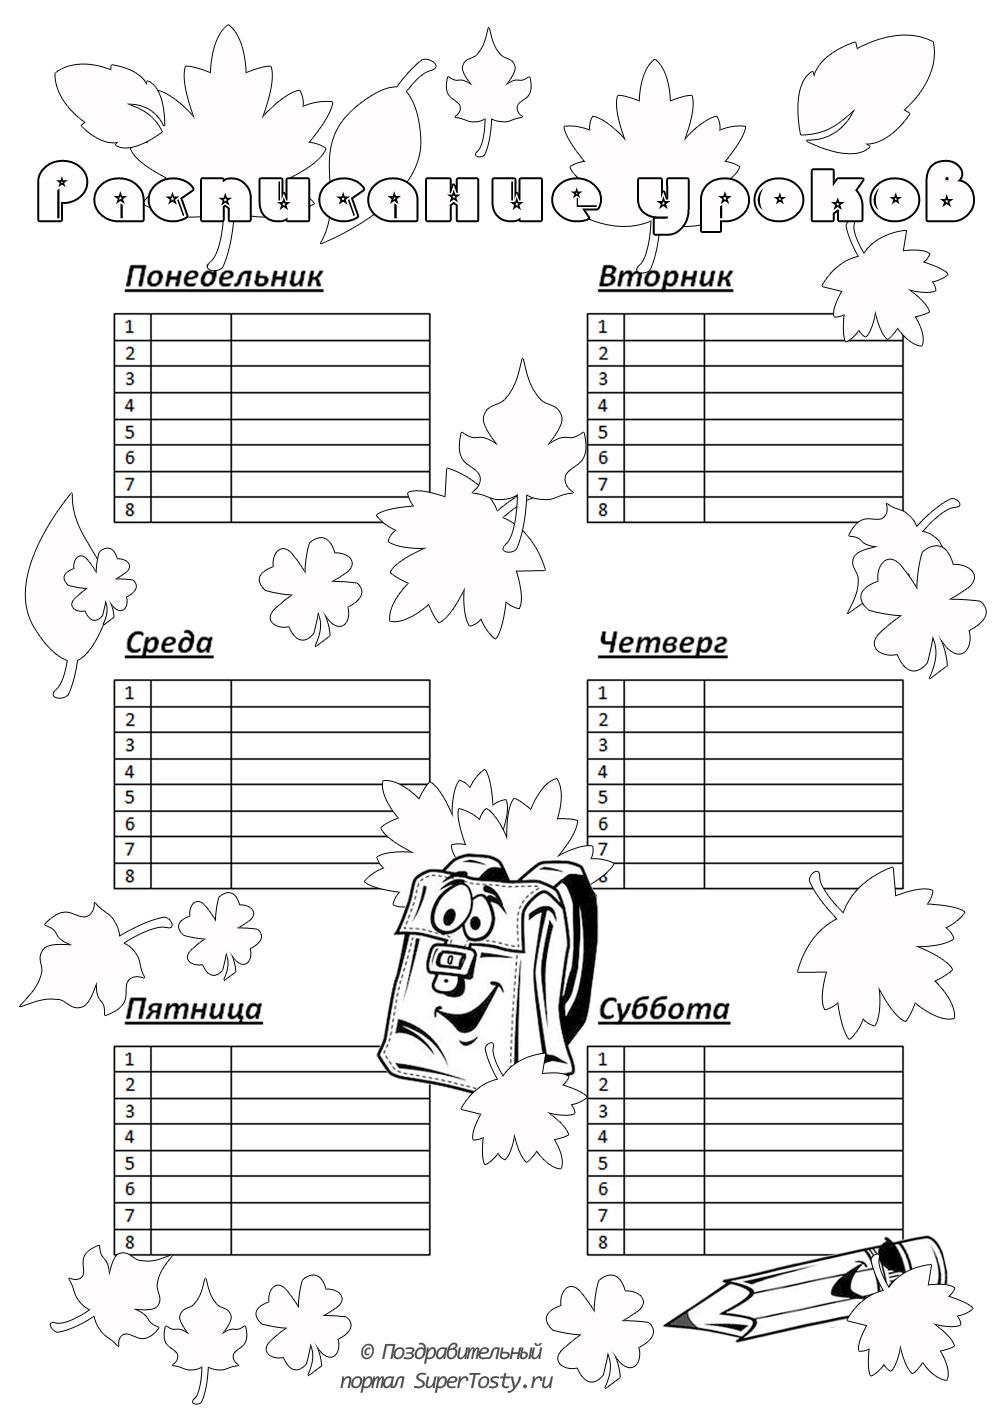 Раскраски расписание уроков для девочек - 6